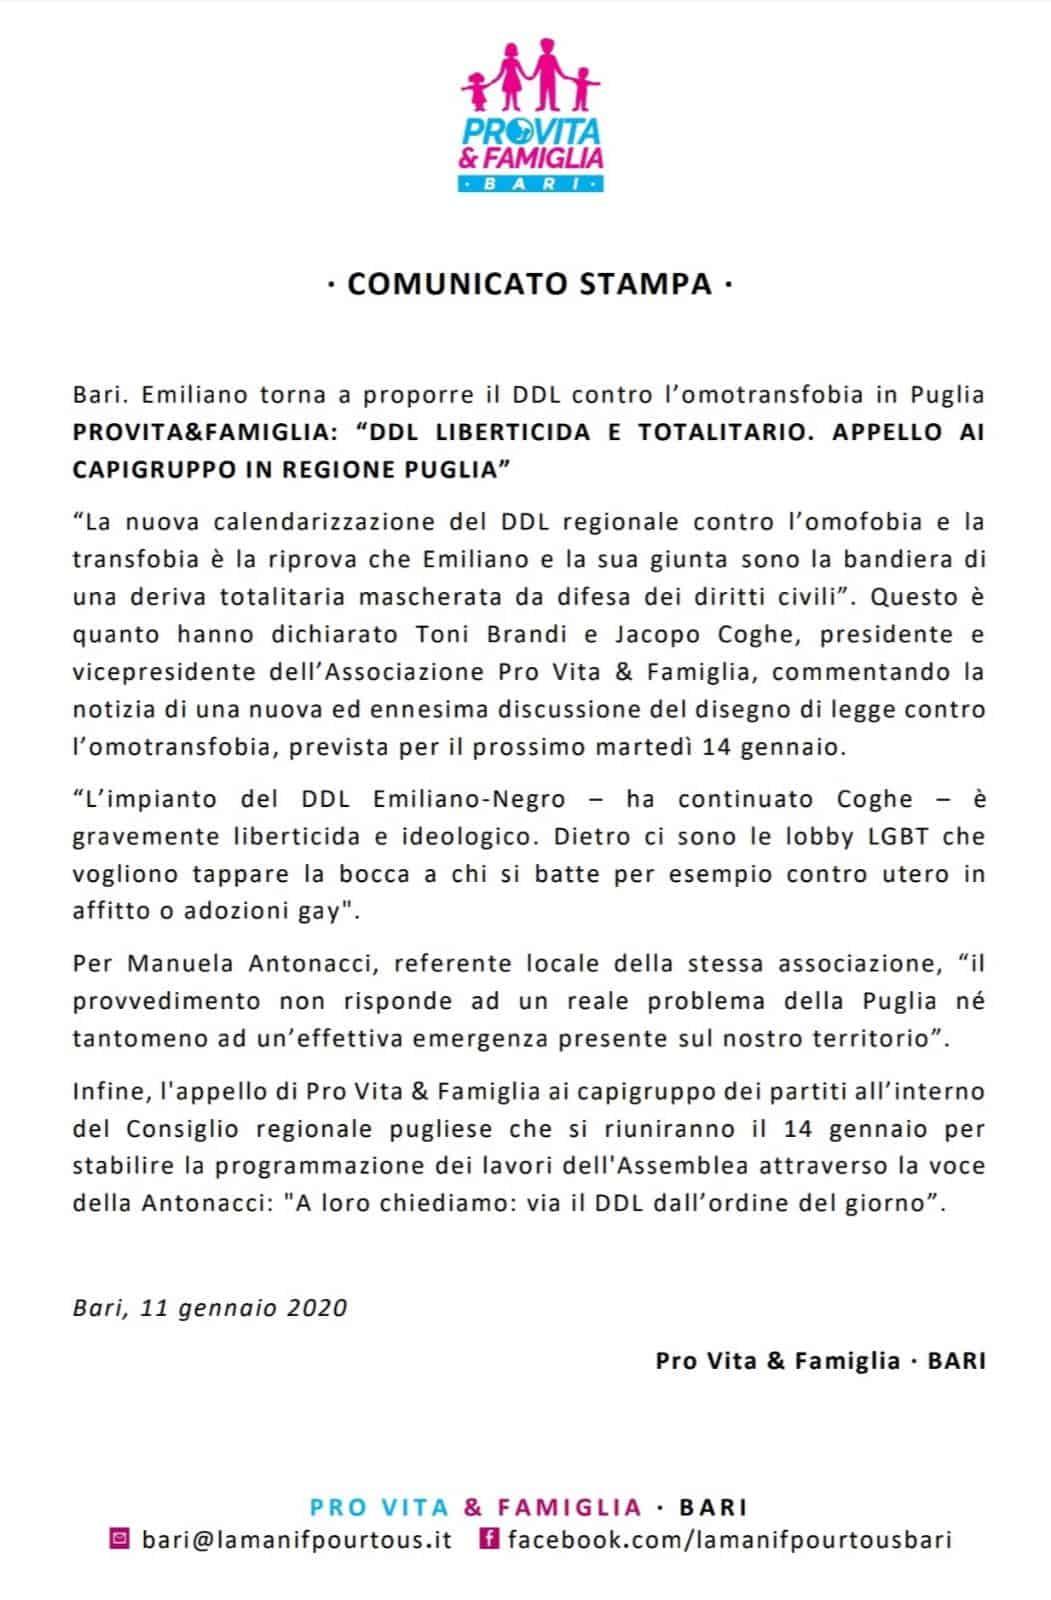 ProVita e famiglia omotransfobia Puglia